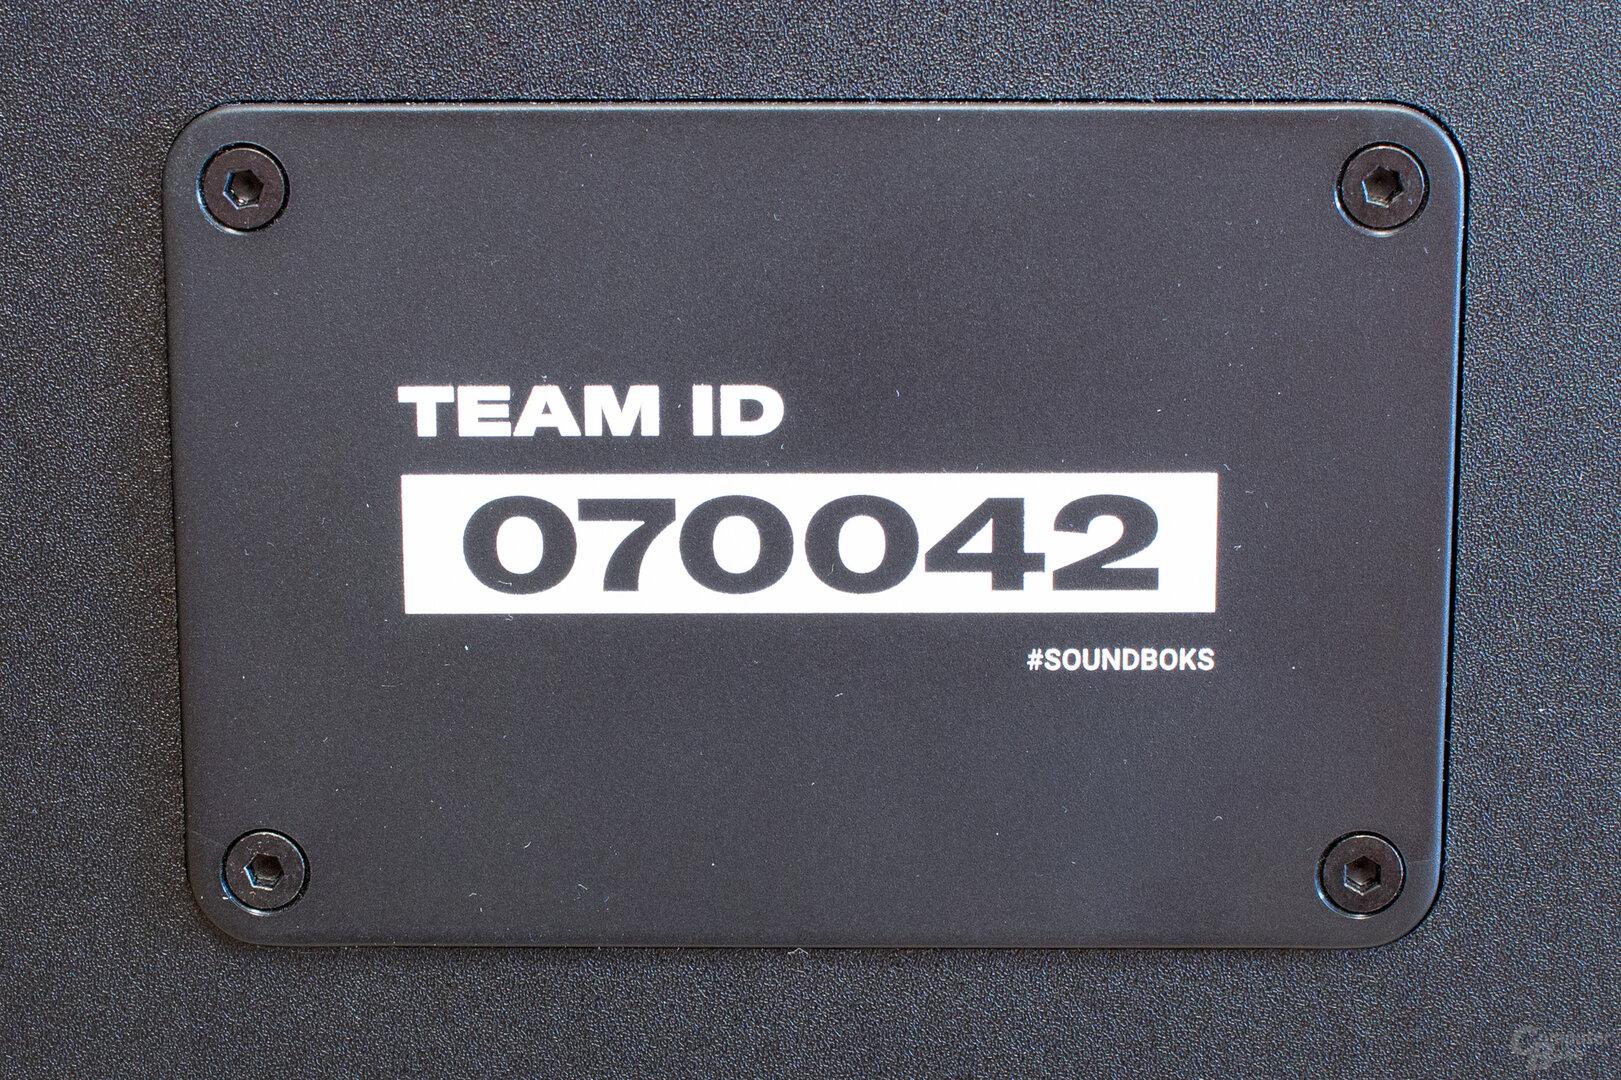 Jeder Lautsprecher besitzt seine eigene ID